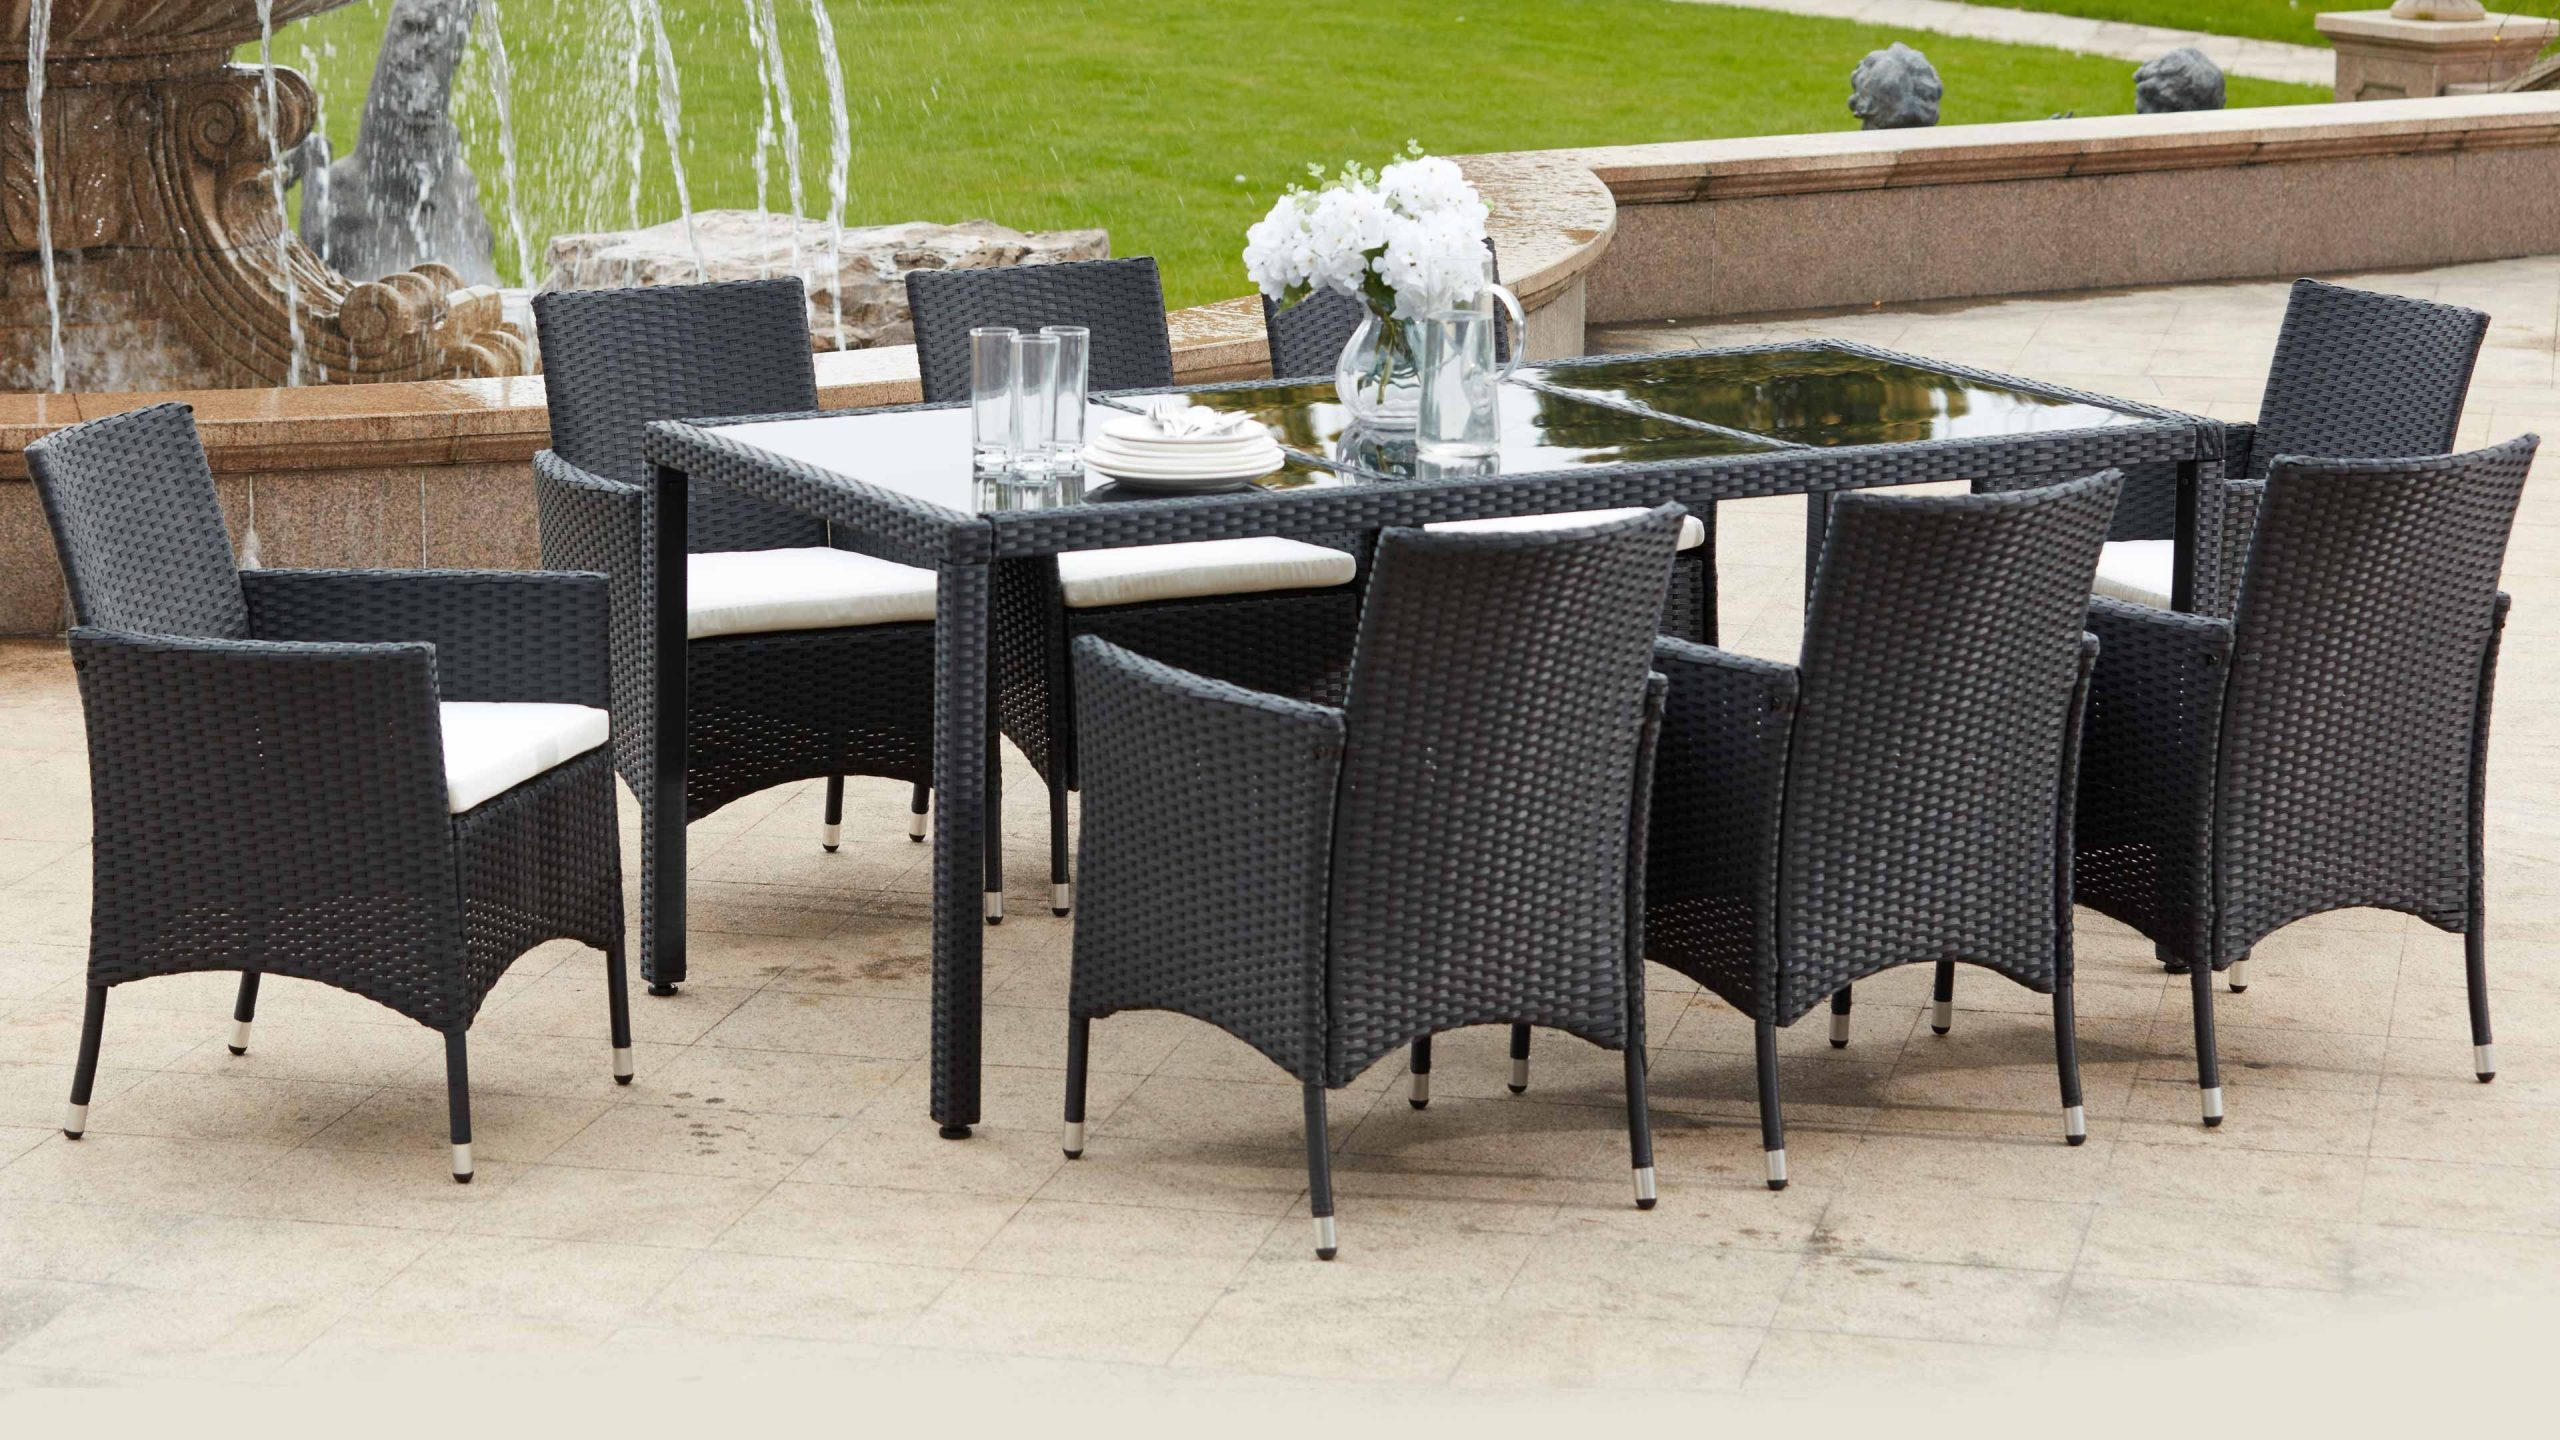 Salon De Jardin Table Résine Tressée 8 Fauteuils destiné Table Et Chaise De Jardin Solde